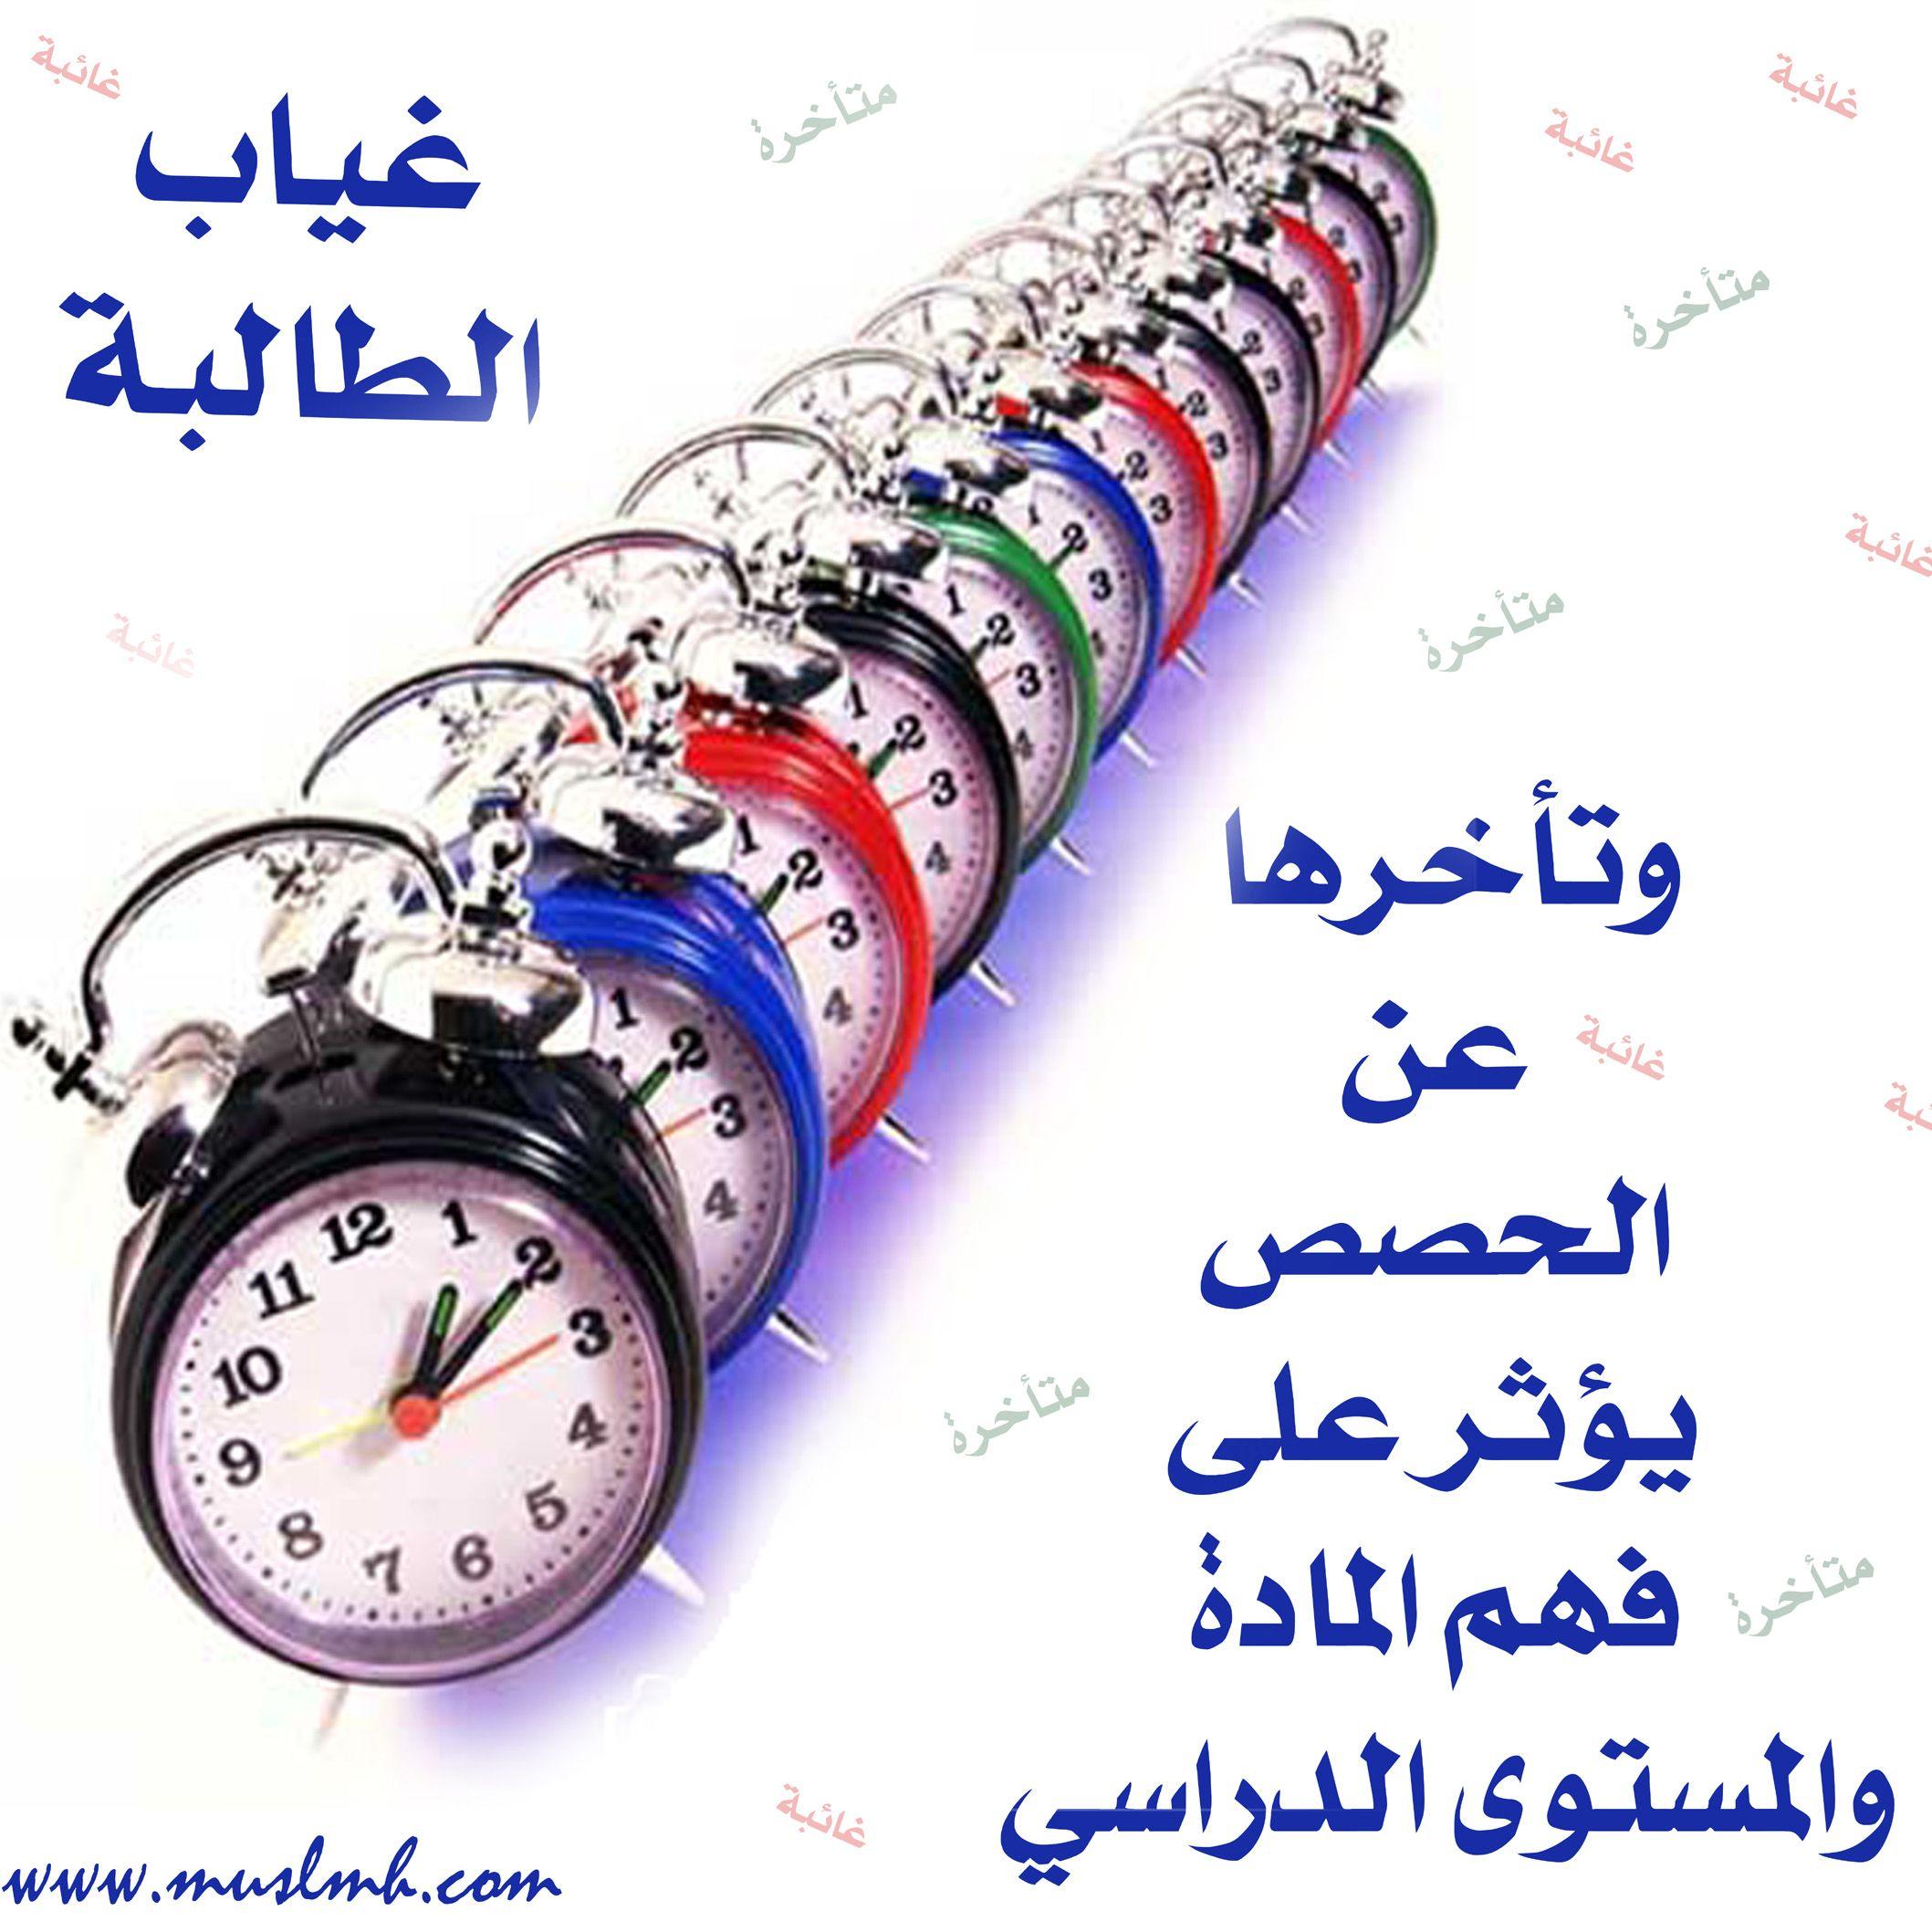 بطاقات العام الدراسي الجديد صور بطاقات تهنئة بالعام الدراسي الجديد Alarm Clock Clock Home Decor